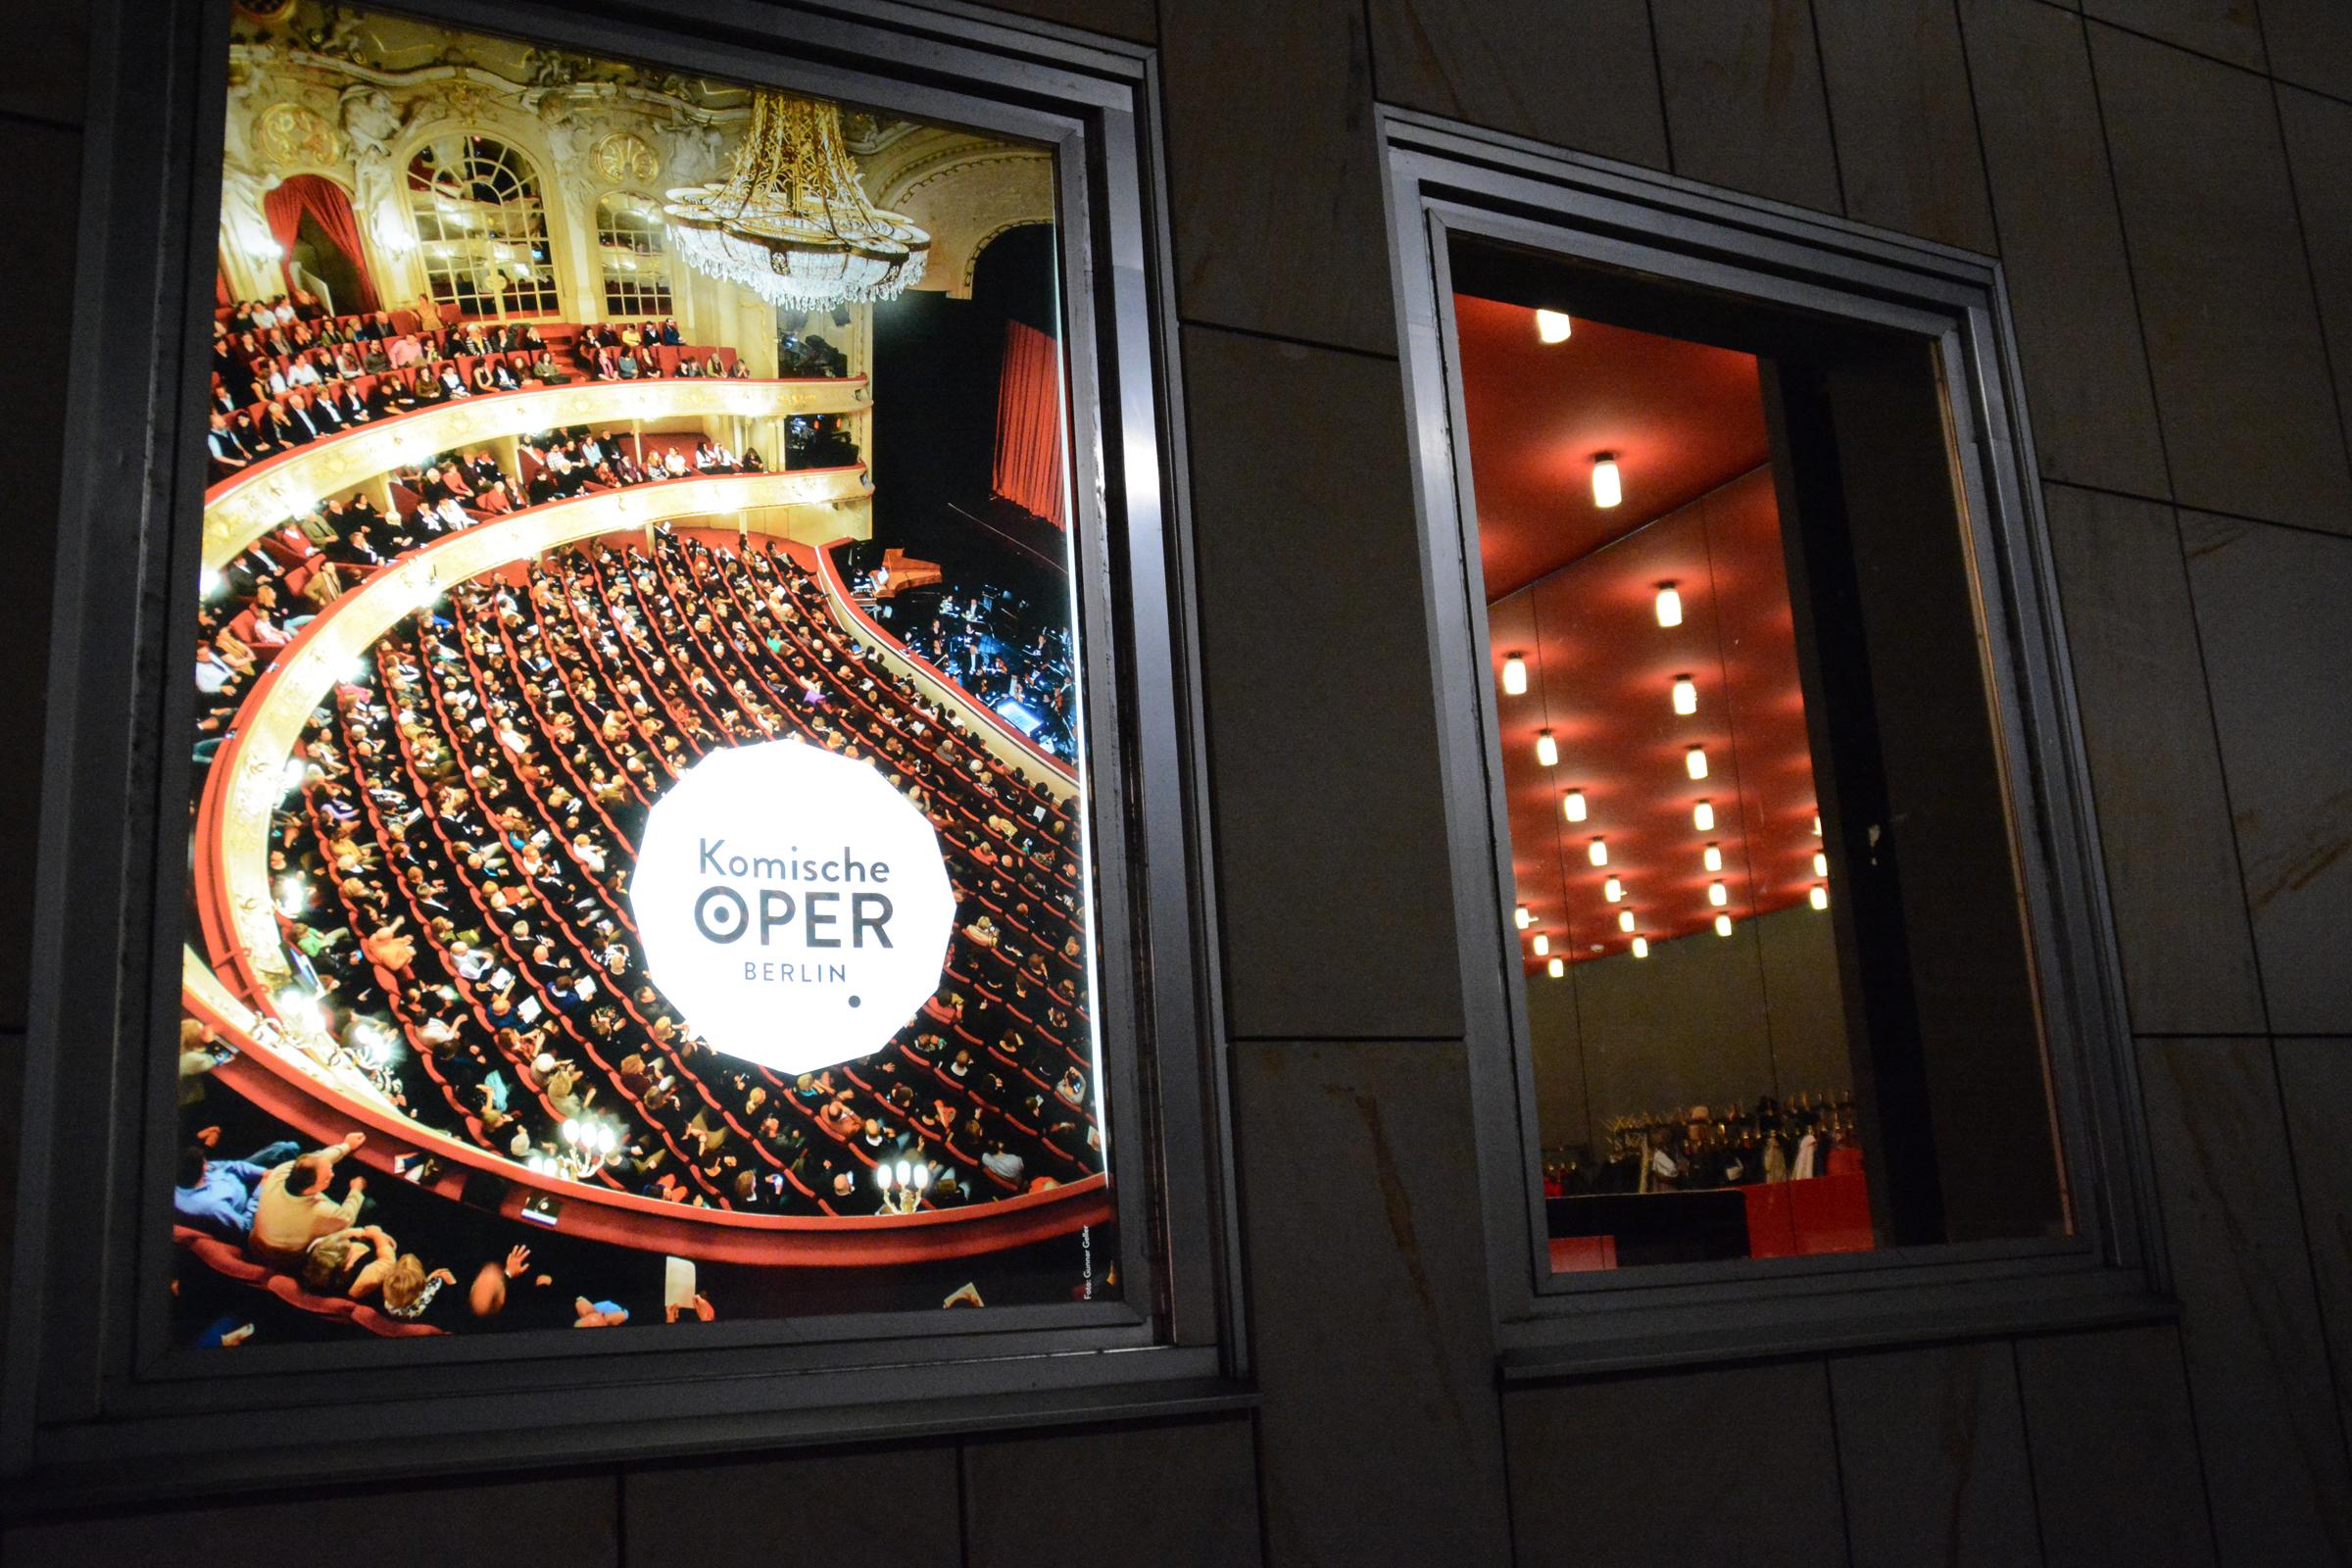 Schaukasten der Komischen Oper Berlin. Foto: Ulrich Horb